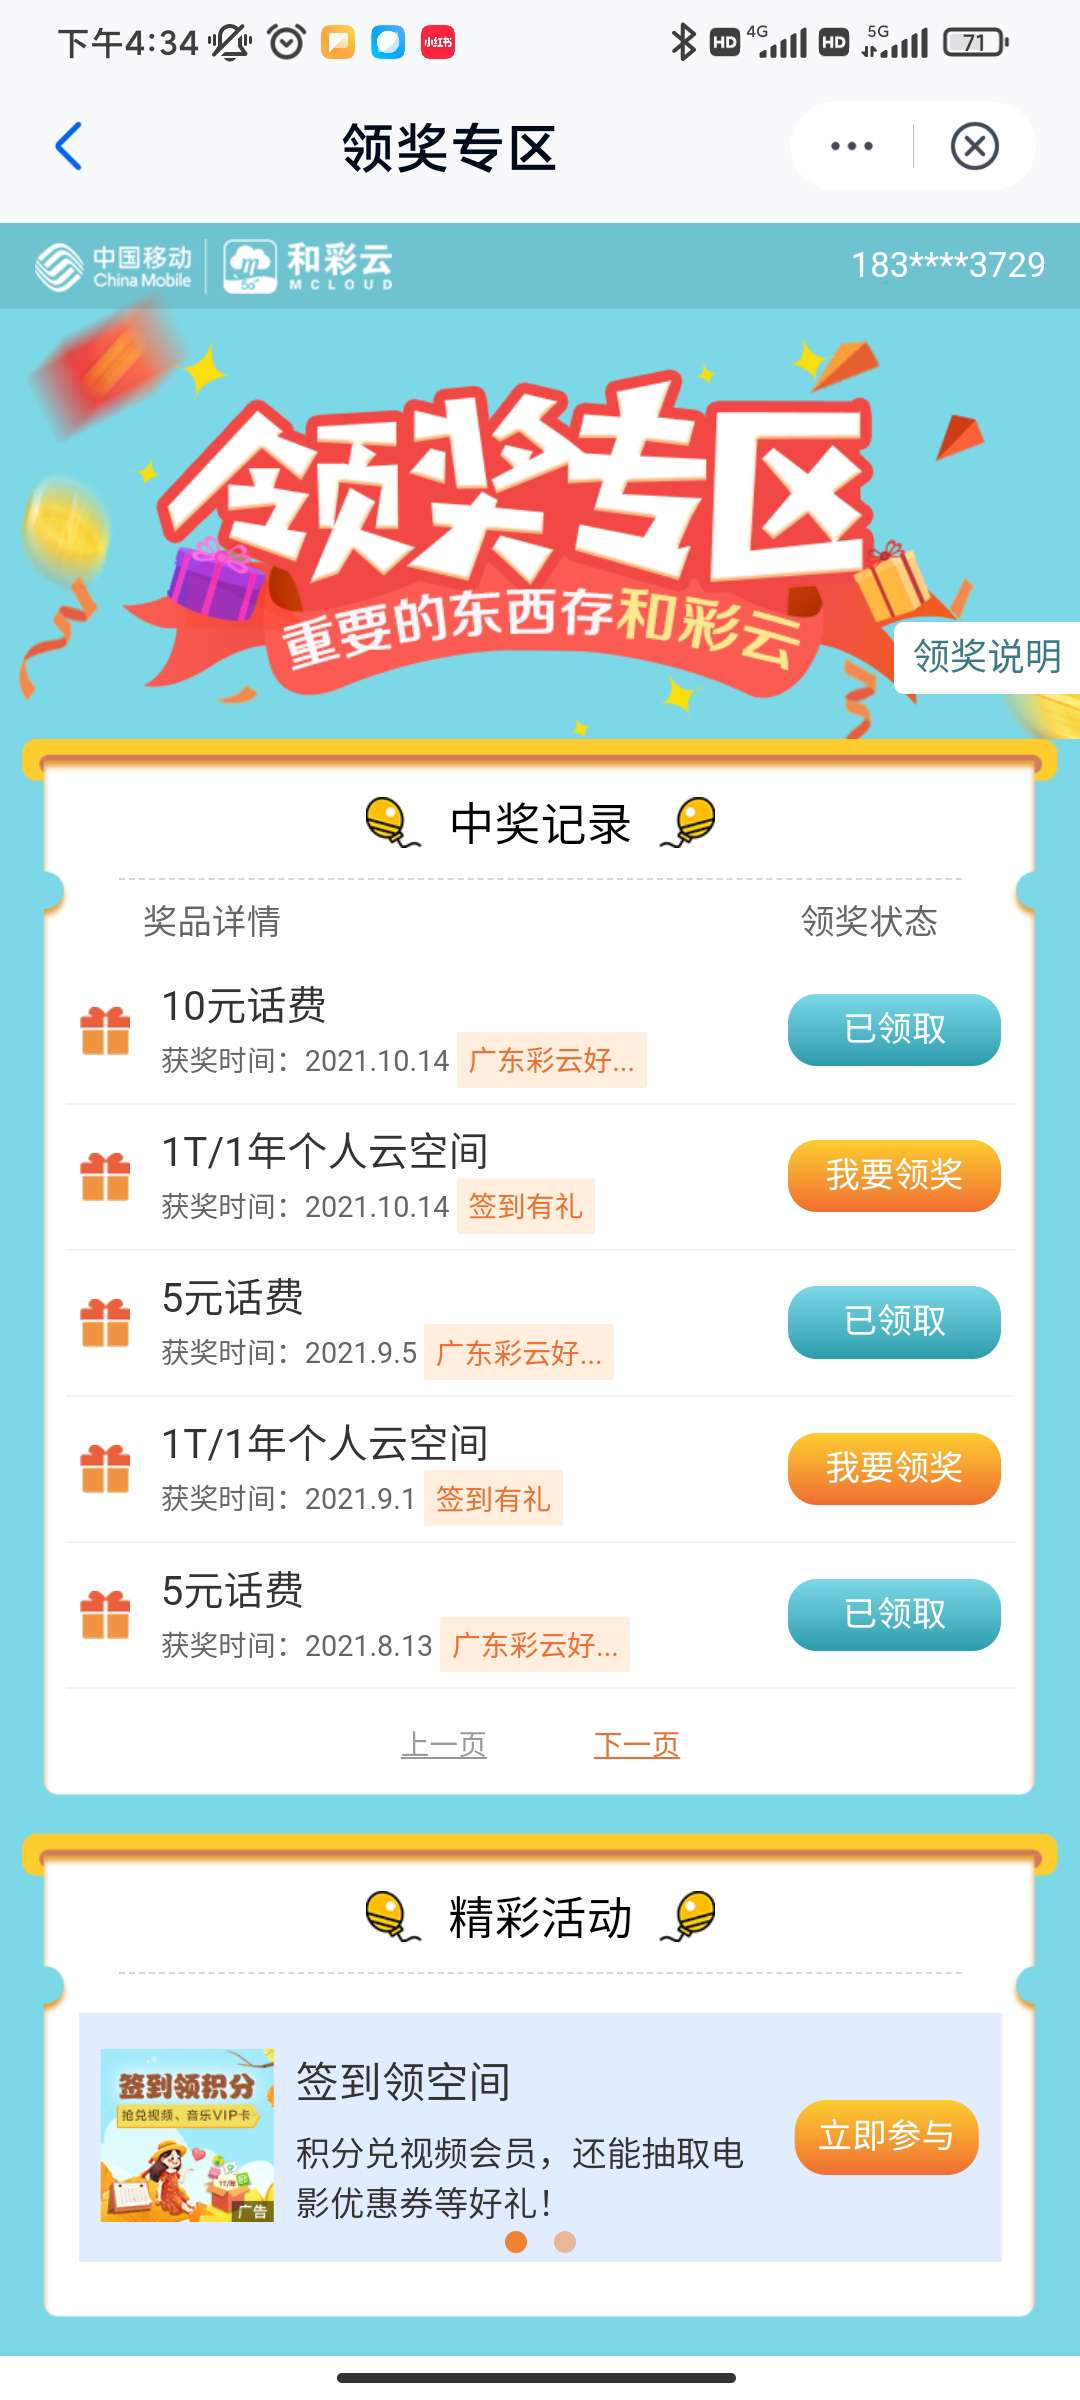 广东省客户免费下载和彩云得十元手机话费插图2